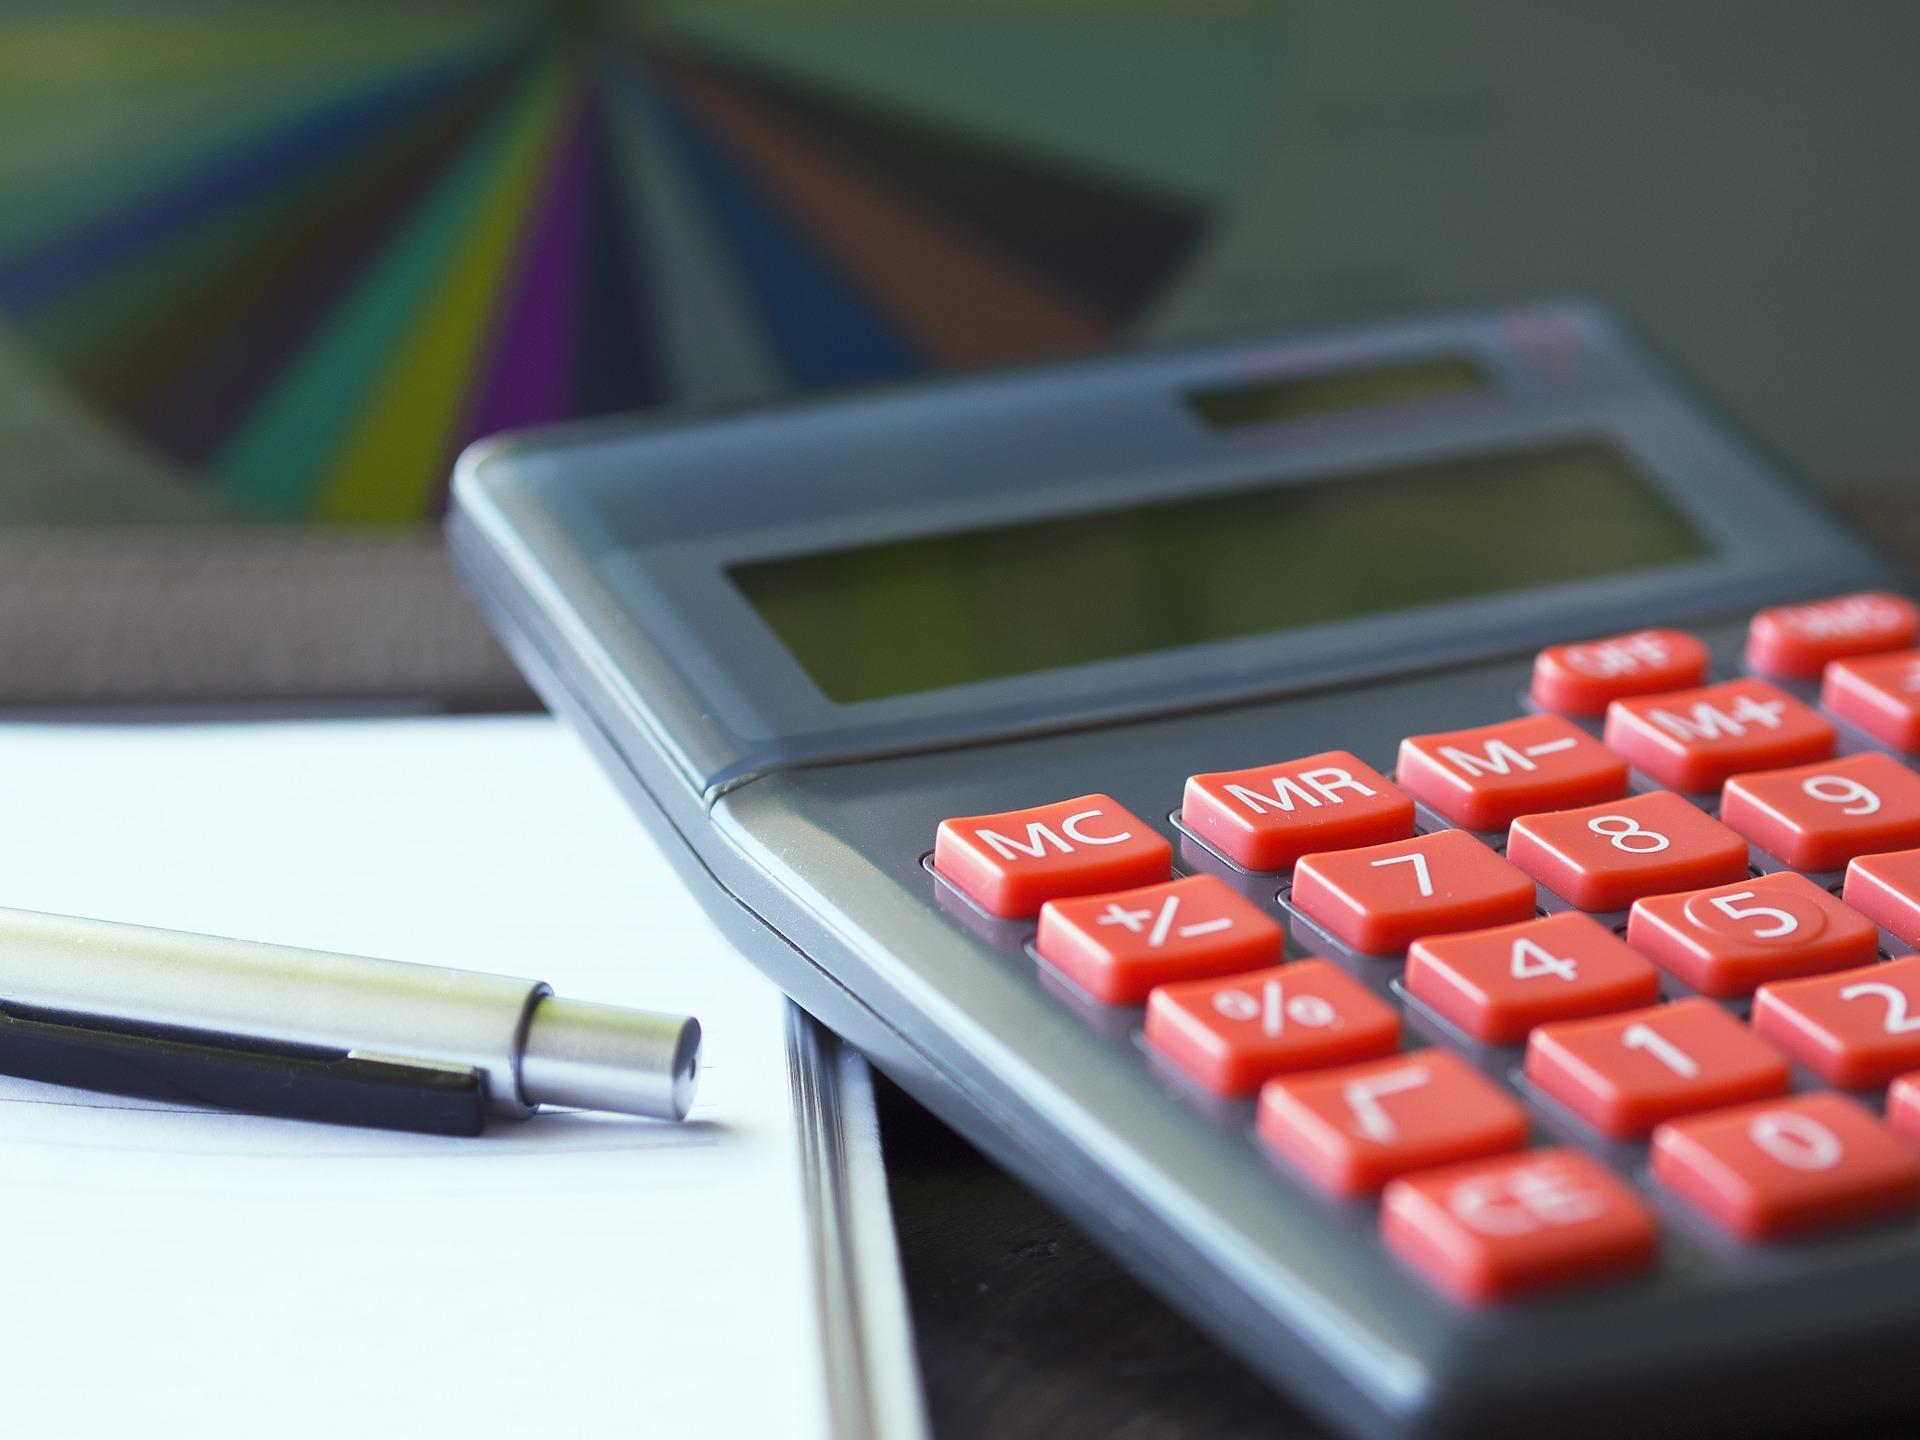 Vermittlung von ausländischen Vereinsmitgliedschaften - und die Umsatzsteuer